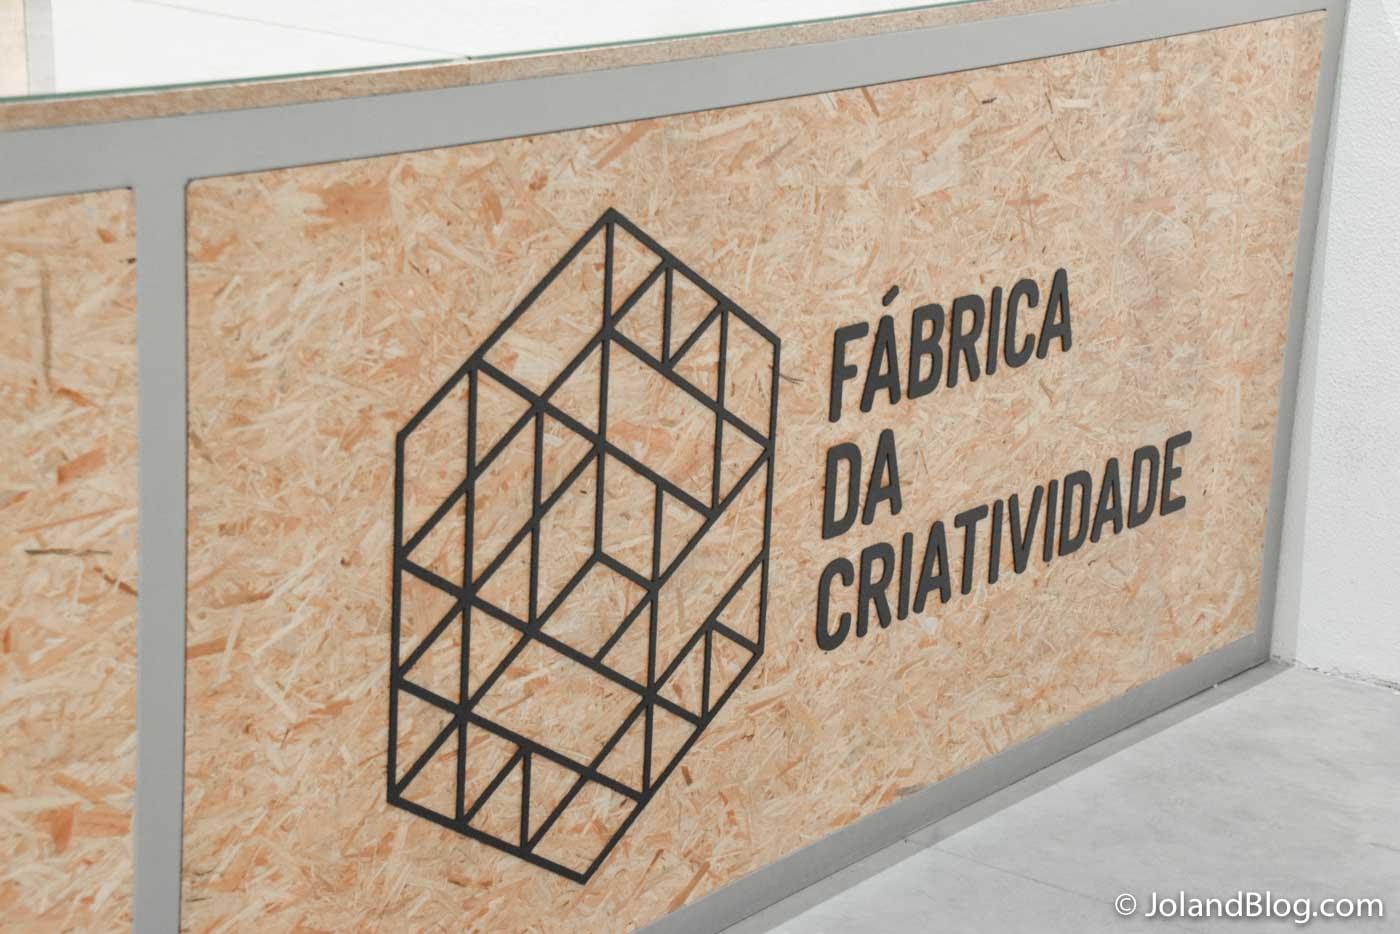 Fábrica da Criatividade da Beira Baixa